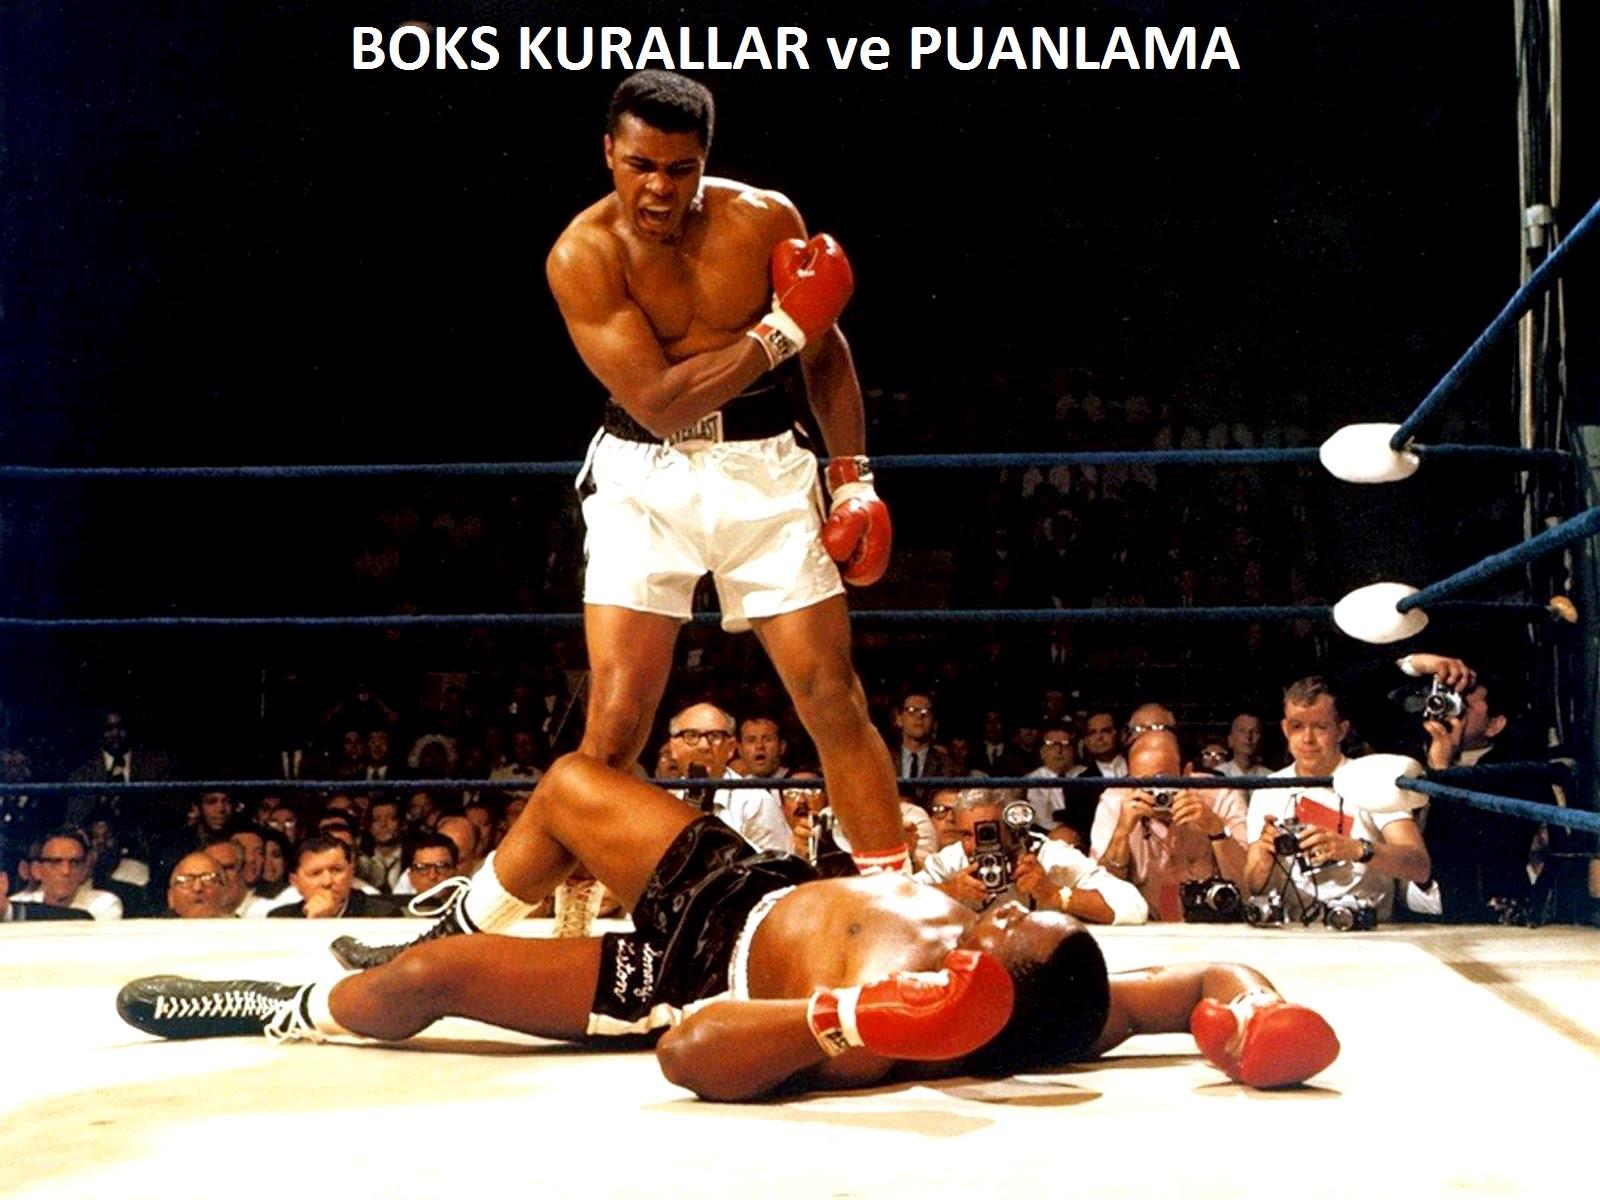 boks kuralları, kurallar, puanlama, boks puanlaması